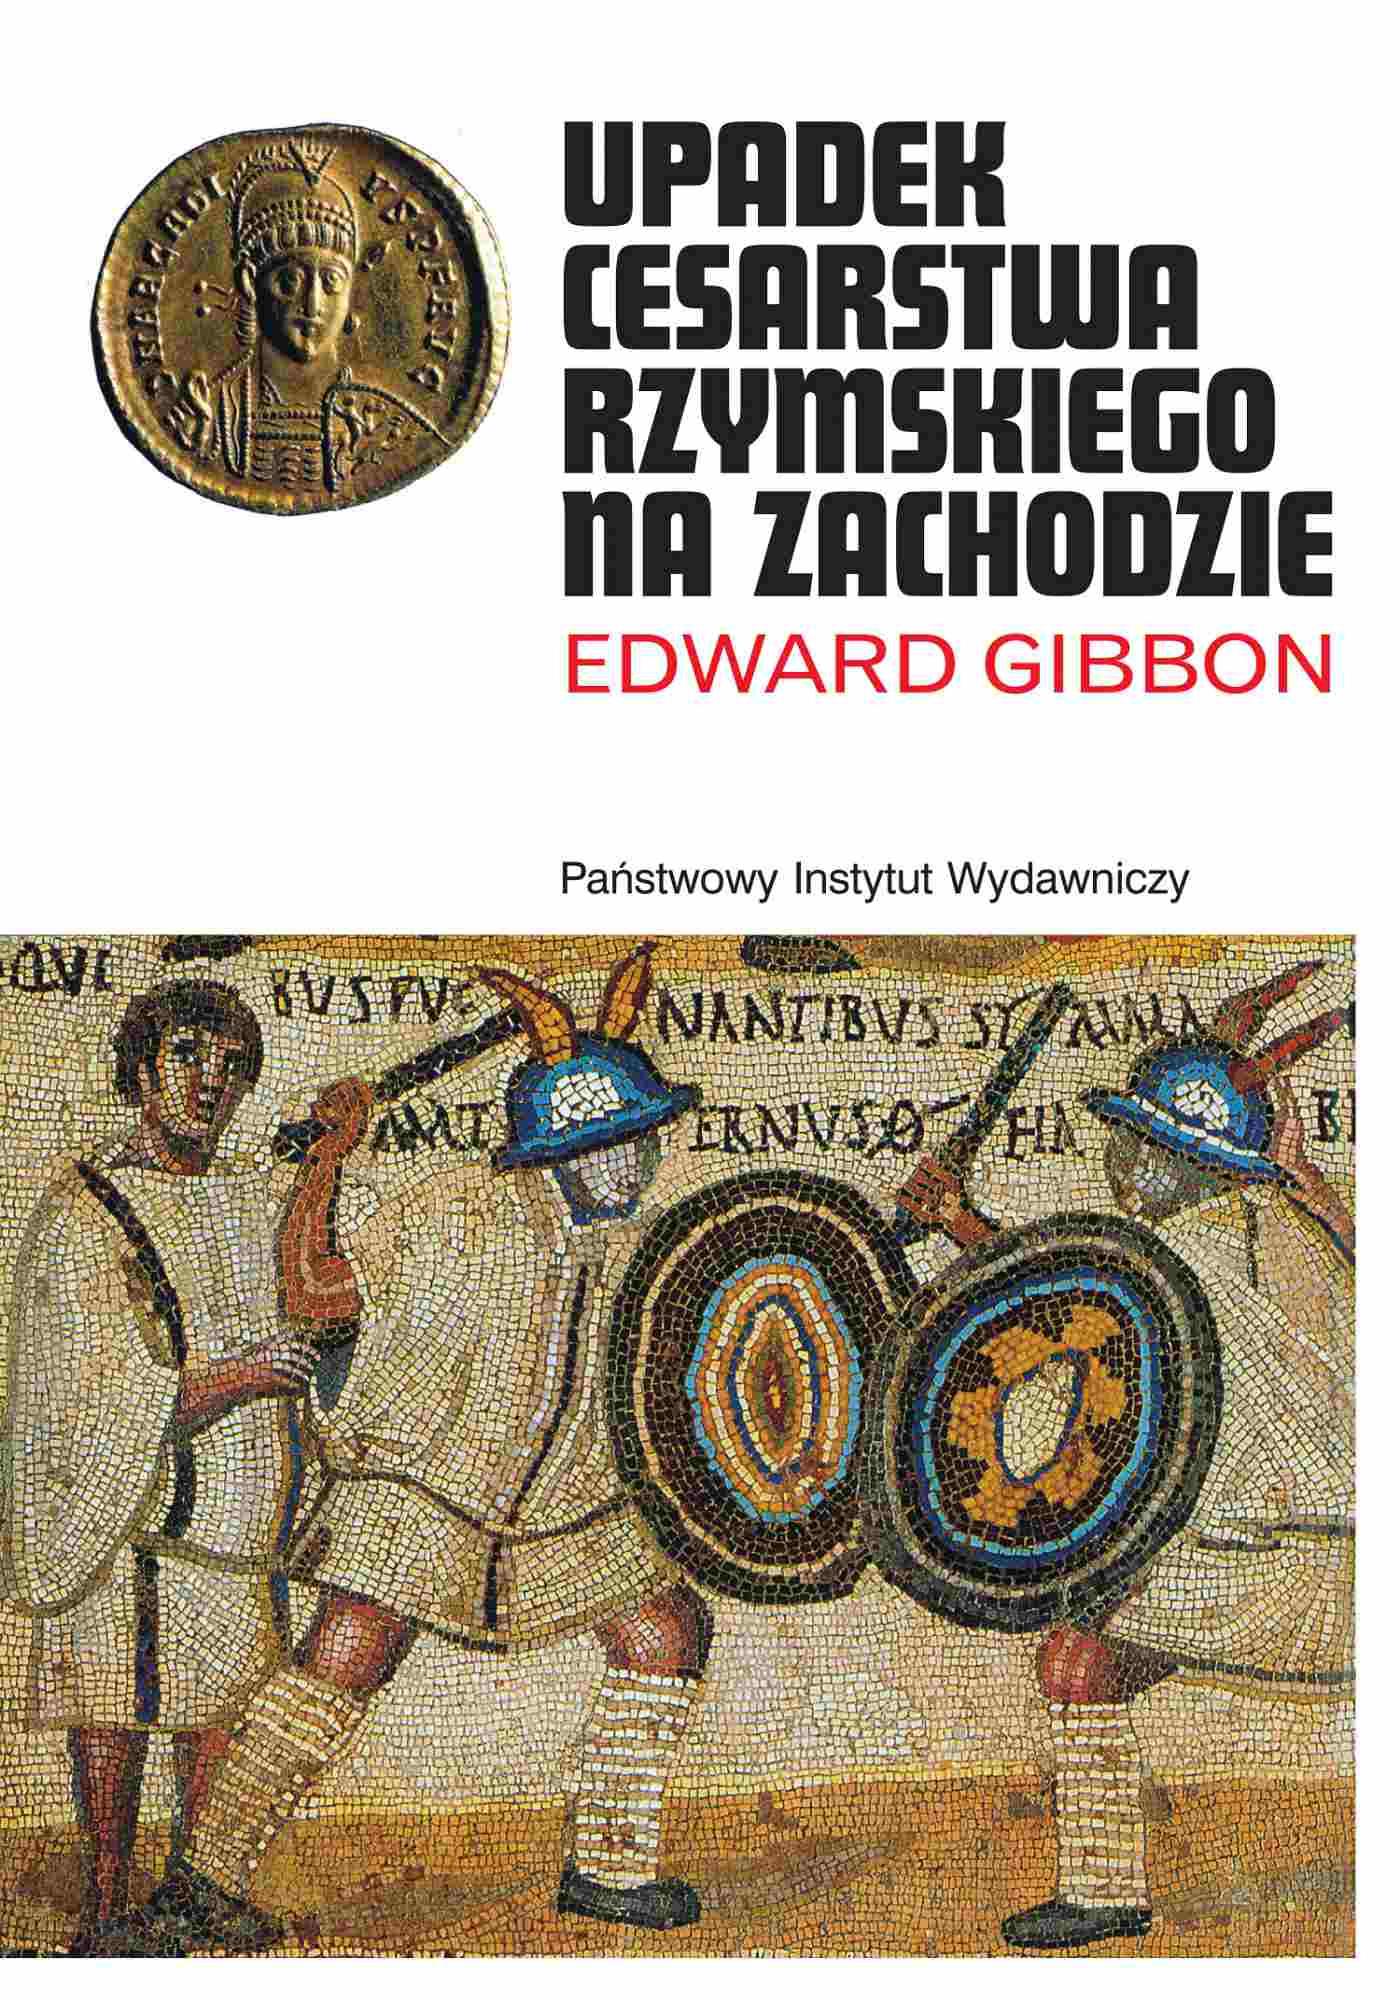 Upadek cesarstwa rzymskiego na Zachodzie - Ebook (Książka na Kindle) do pobrania w formacie MOBI